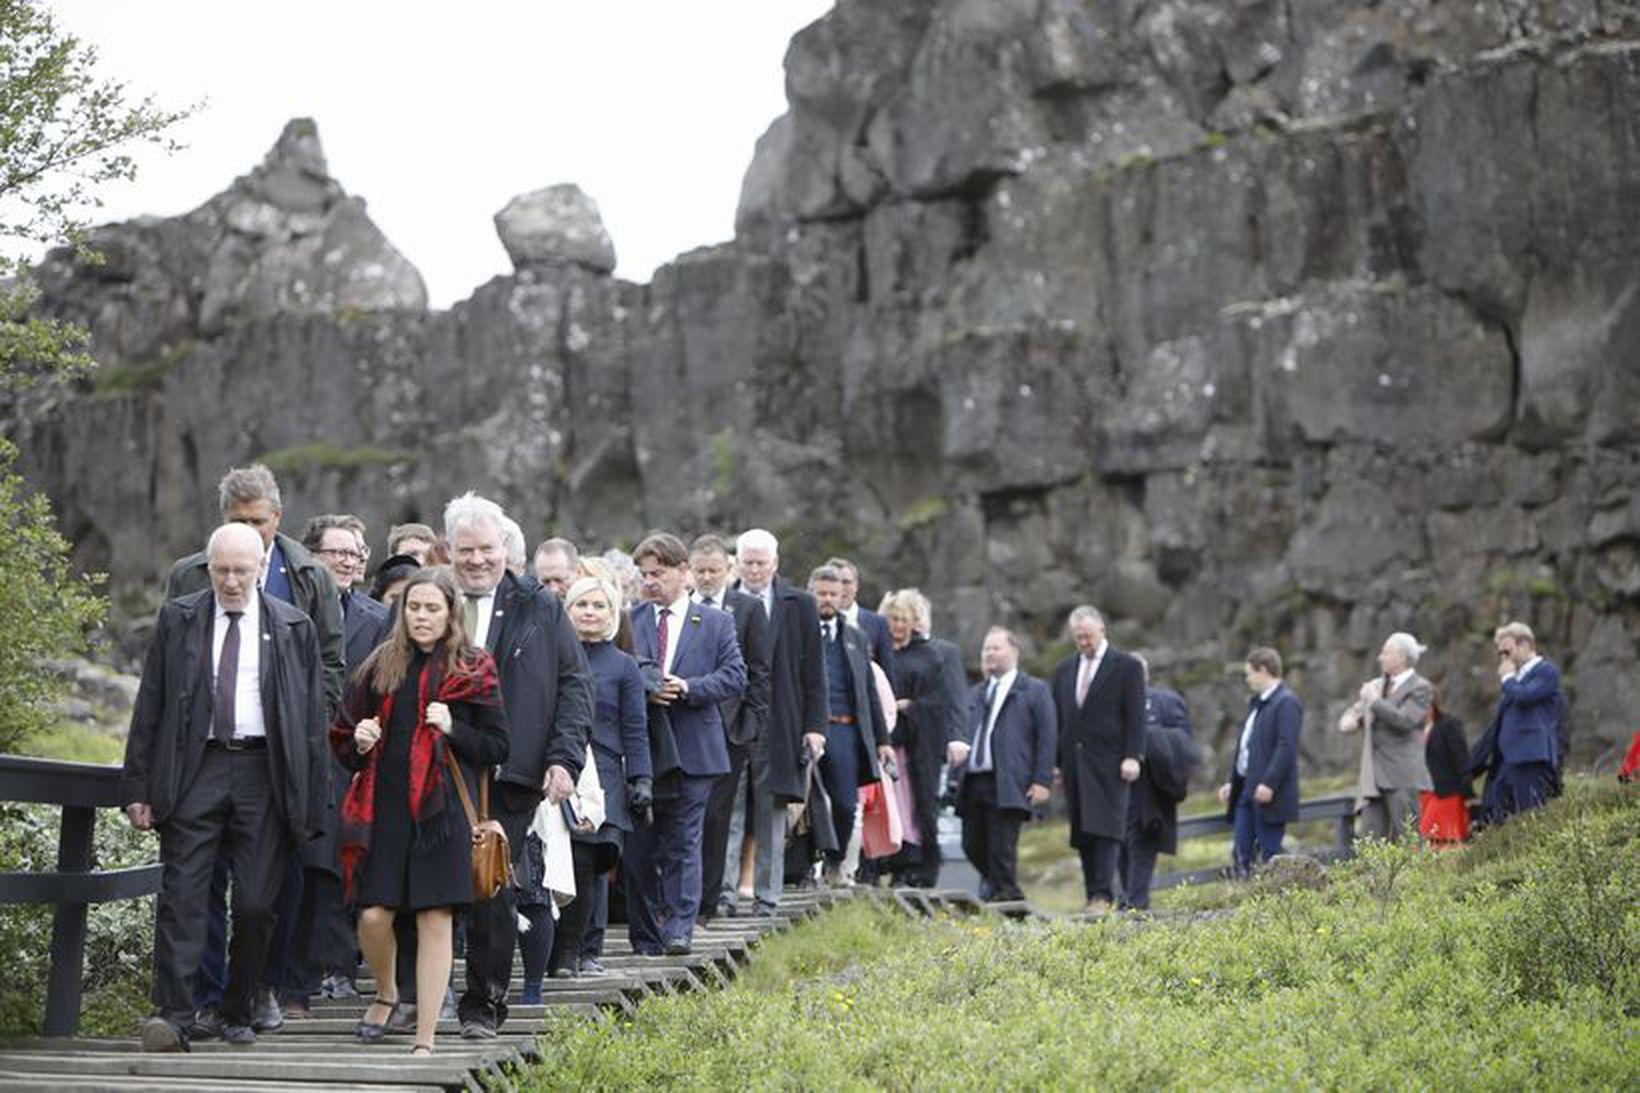 Hátíðarfundur á Þingvöllum 18. júlí 2018.